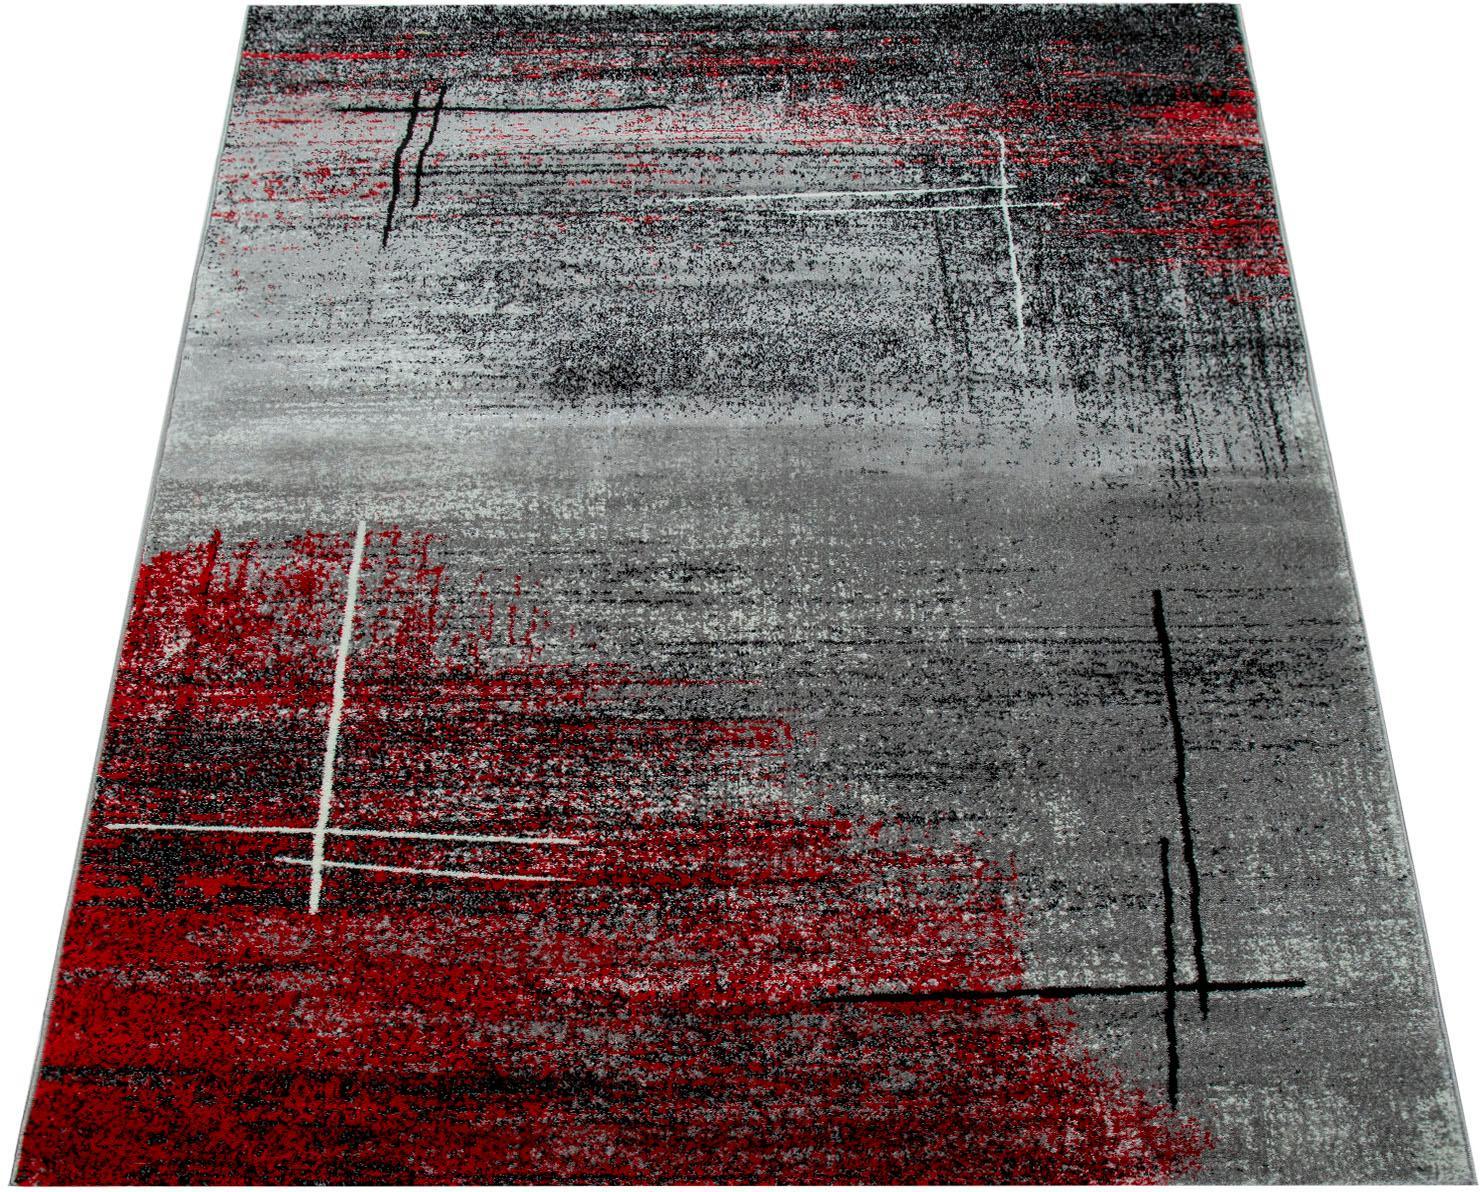 Teppich Tibesti5090 Paco Home rechteckig Höhe 16 mm maschinell gewebt